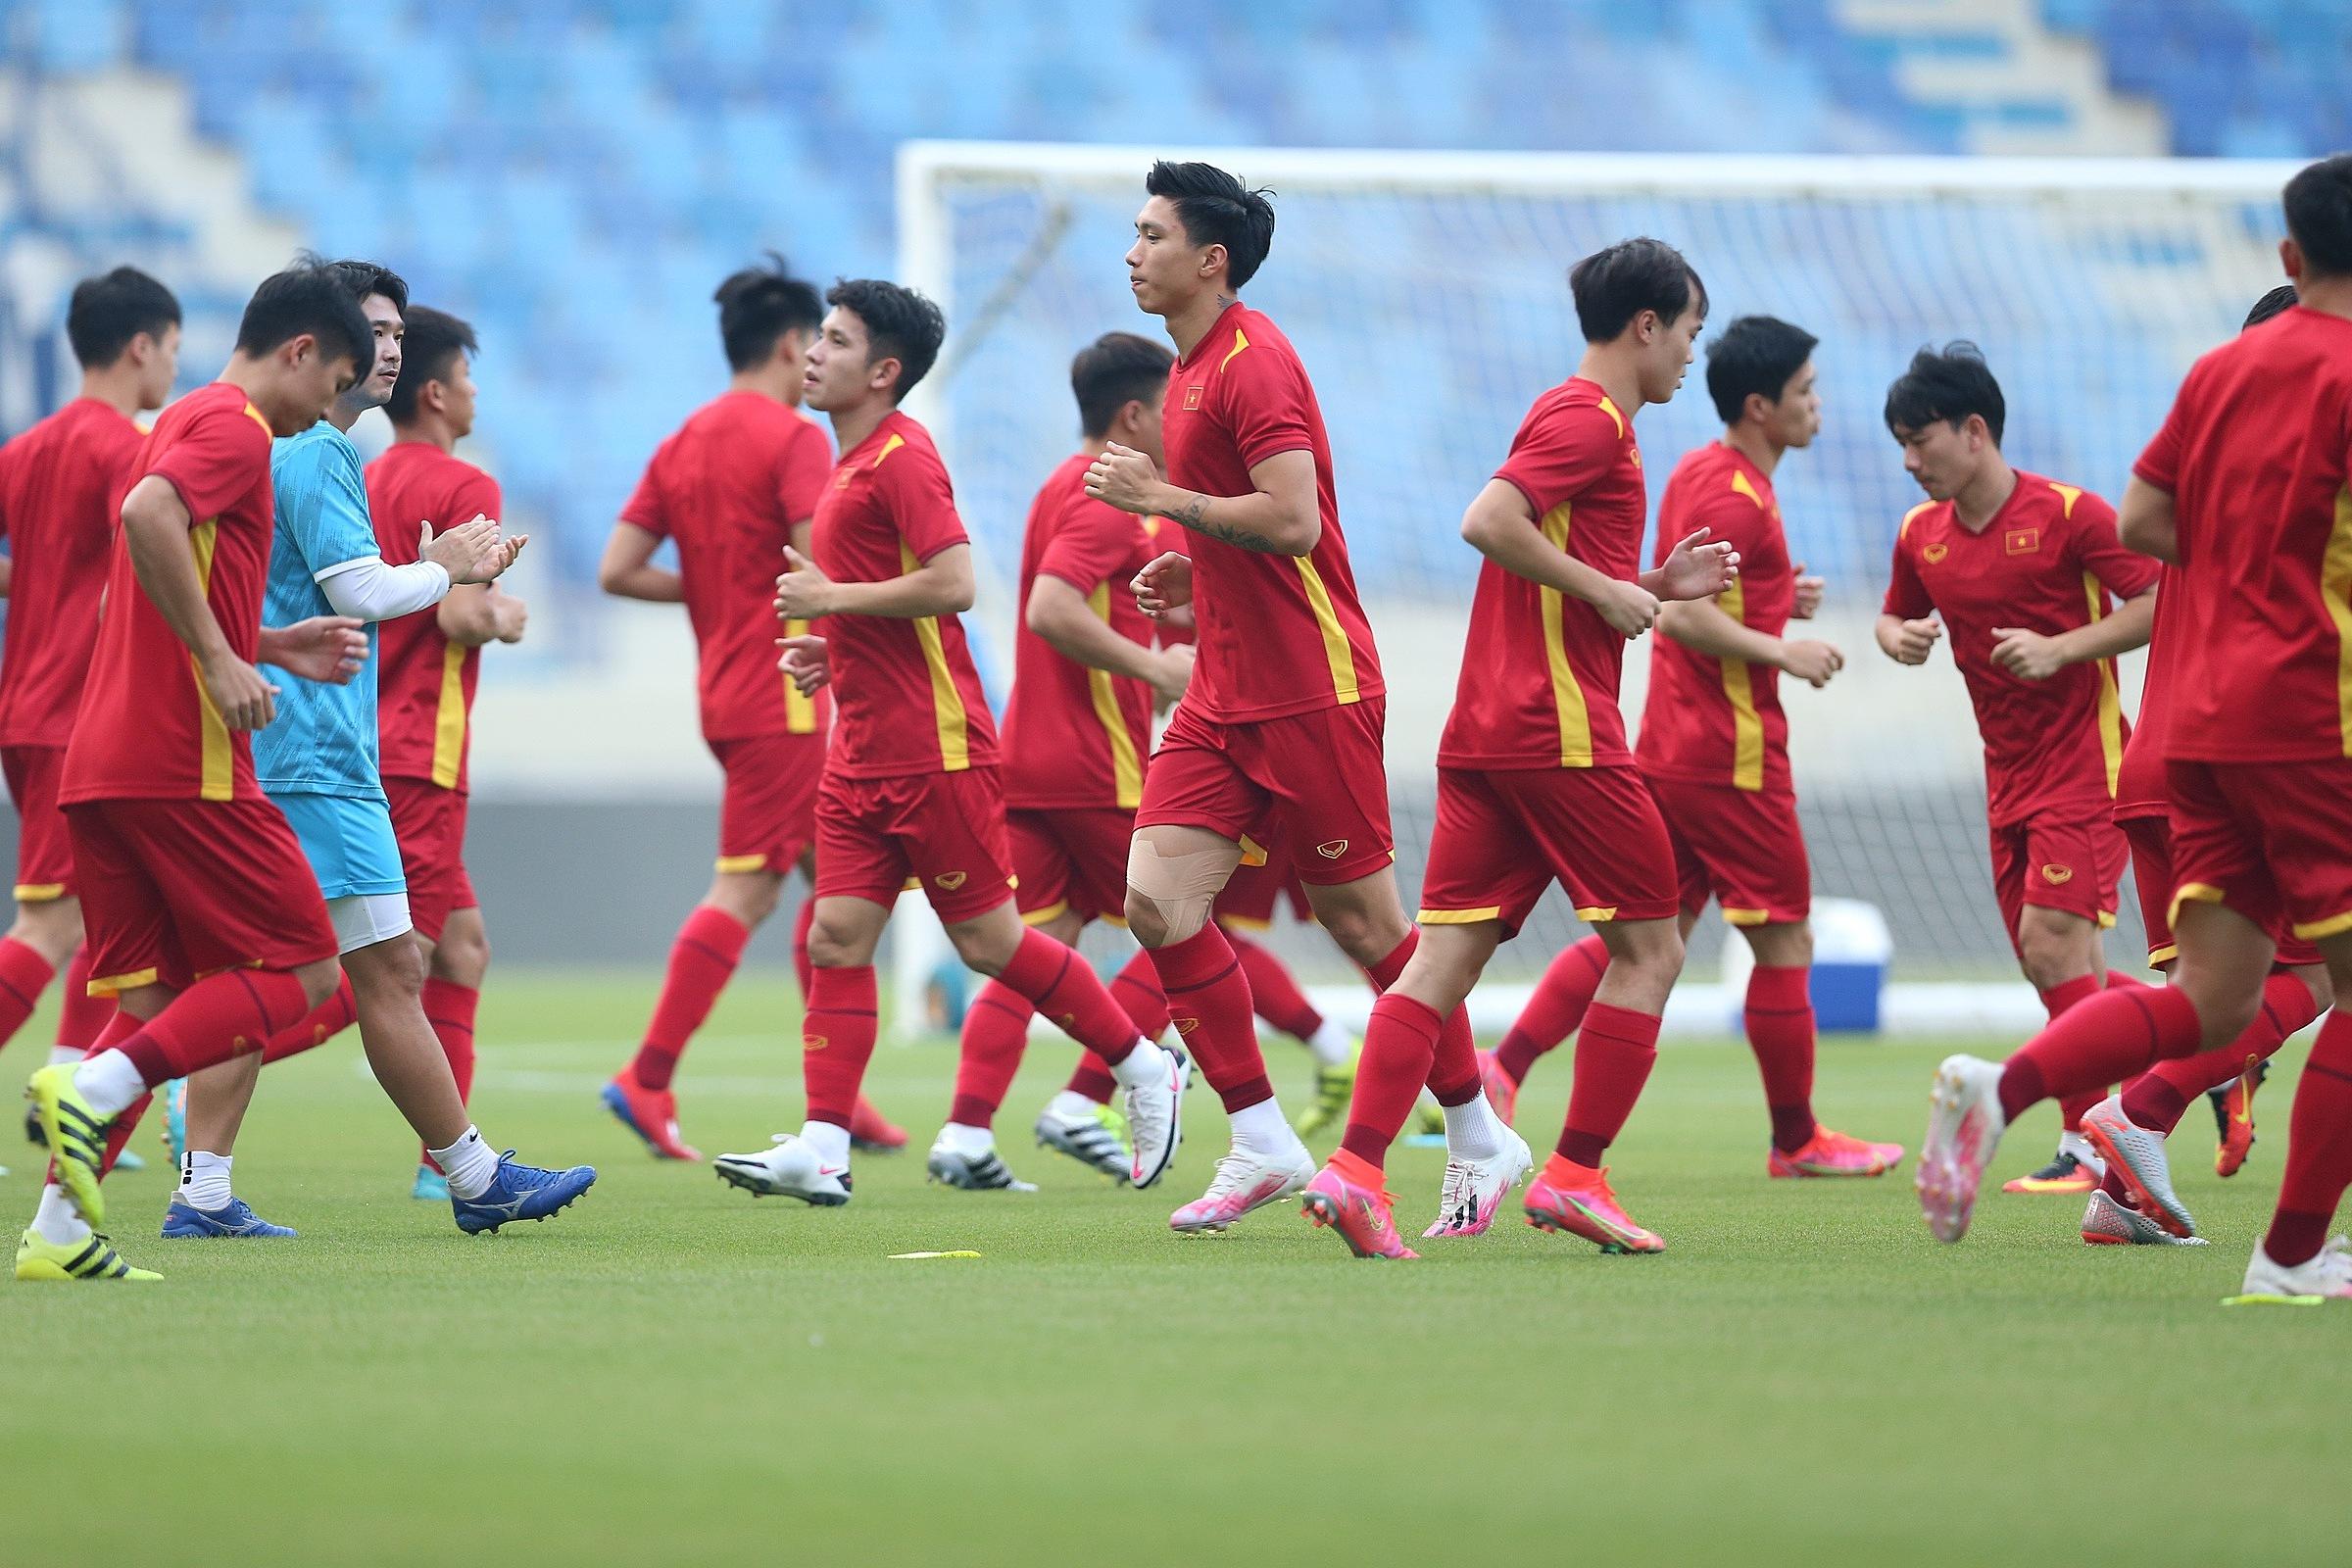 Sau sáu lượt trận, Việt Nam bất bại, giành 14 điểm và chiếm đỉnh bảng G. Malaysia xếp thứ tư với 9 điểm. Cuộc đối đầu giữa hai đội tuyển sẽ diễn ra lúc 23h45 (giờ Hà Nội) hôm nay 11/6.